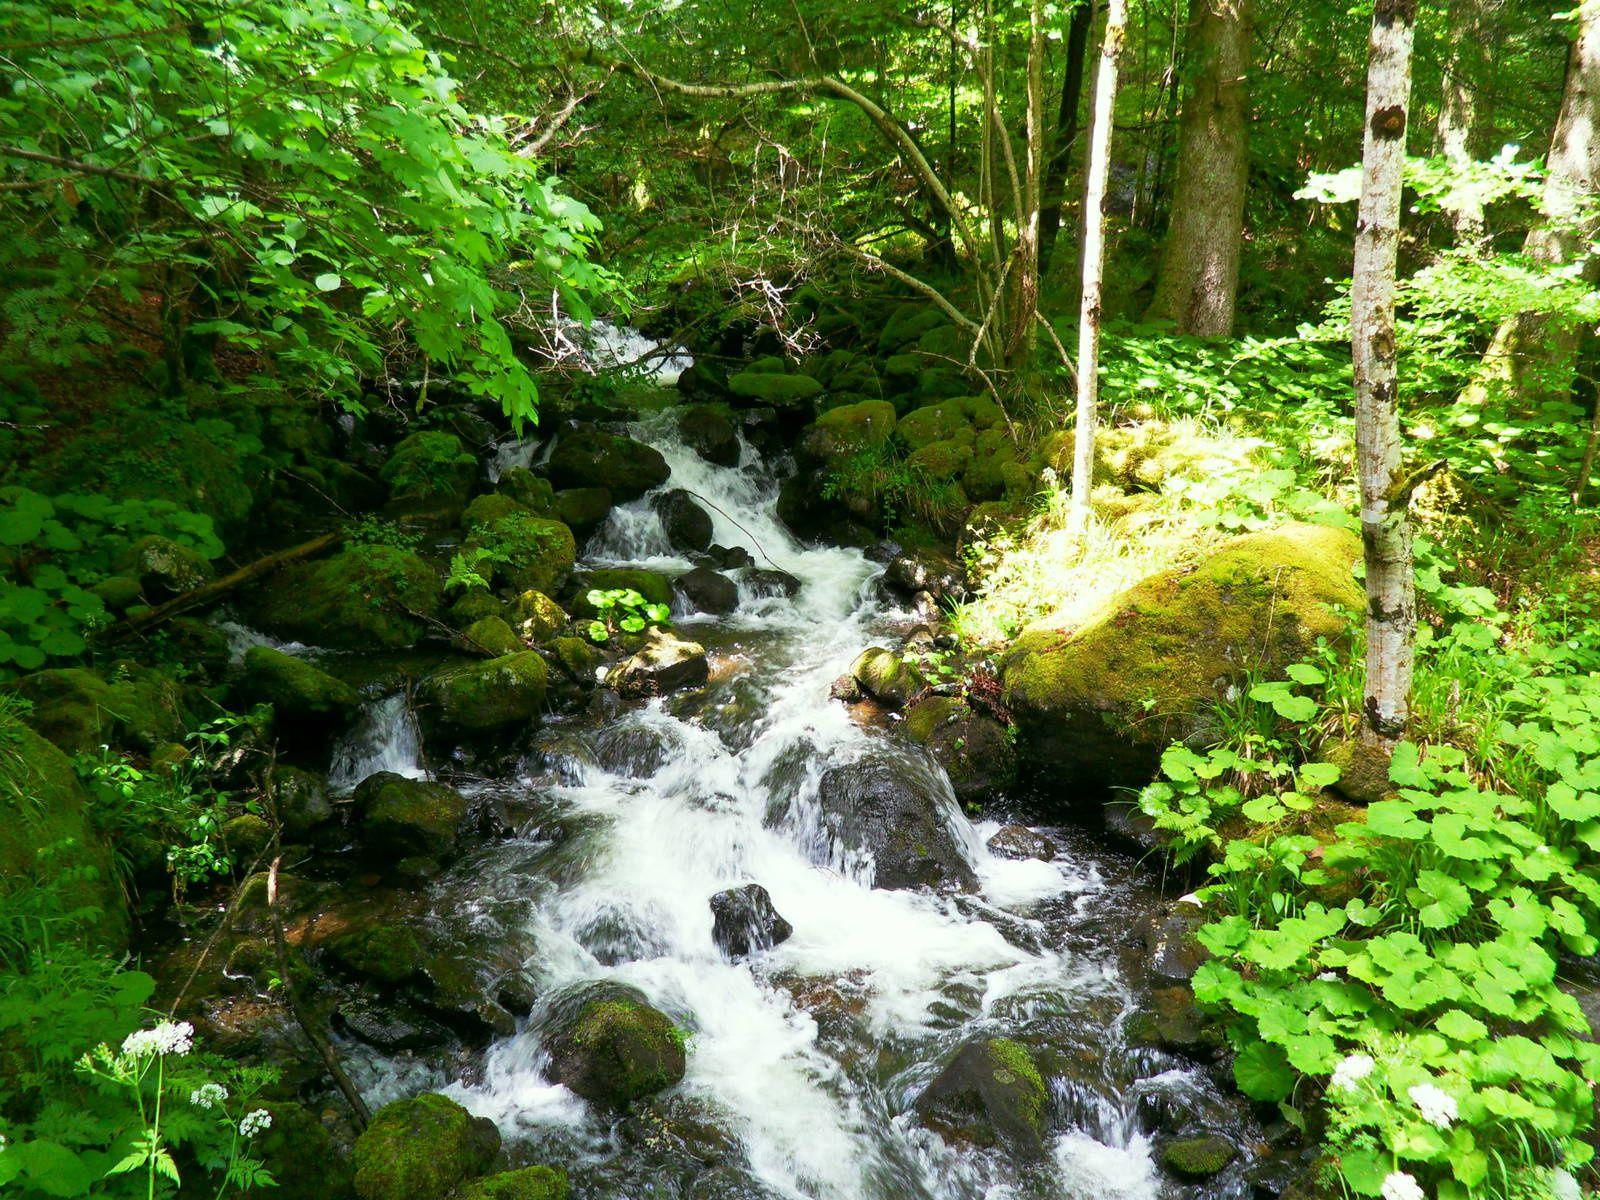 Mercredi 12 juillet - Randonnée autour du lac de la Lauch